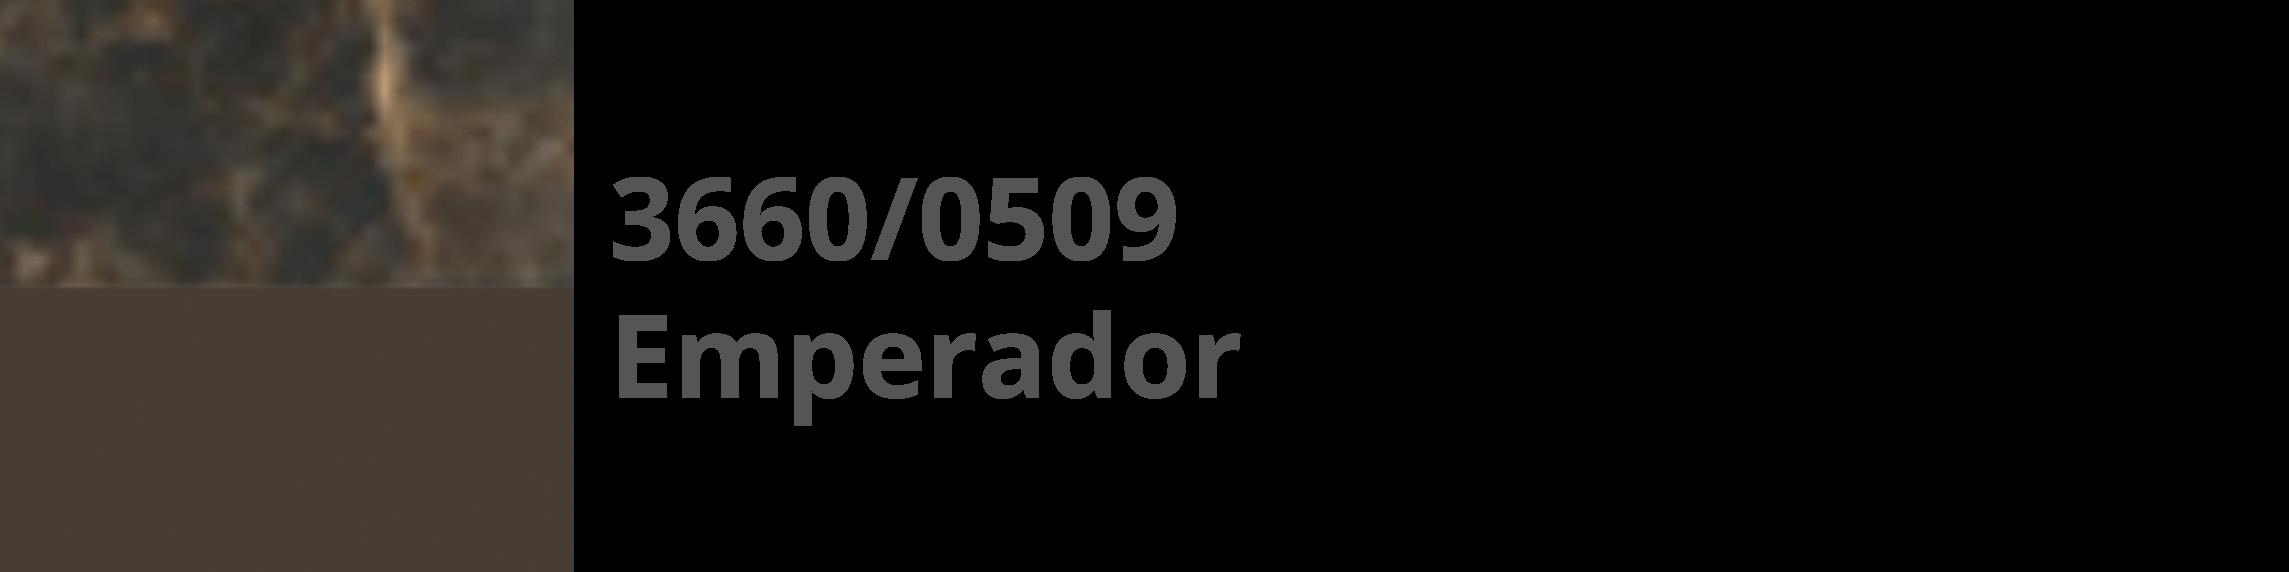 3660 509 Emperador